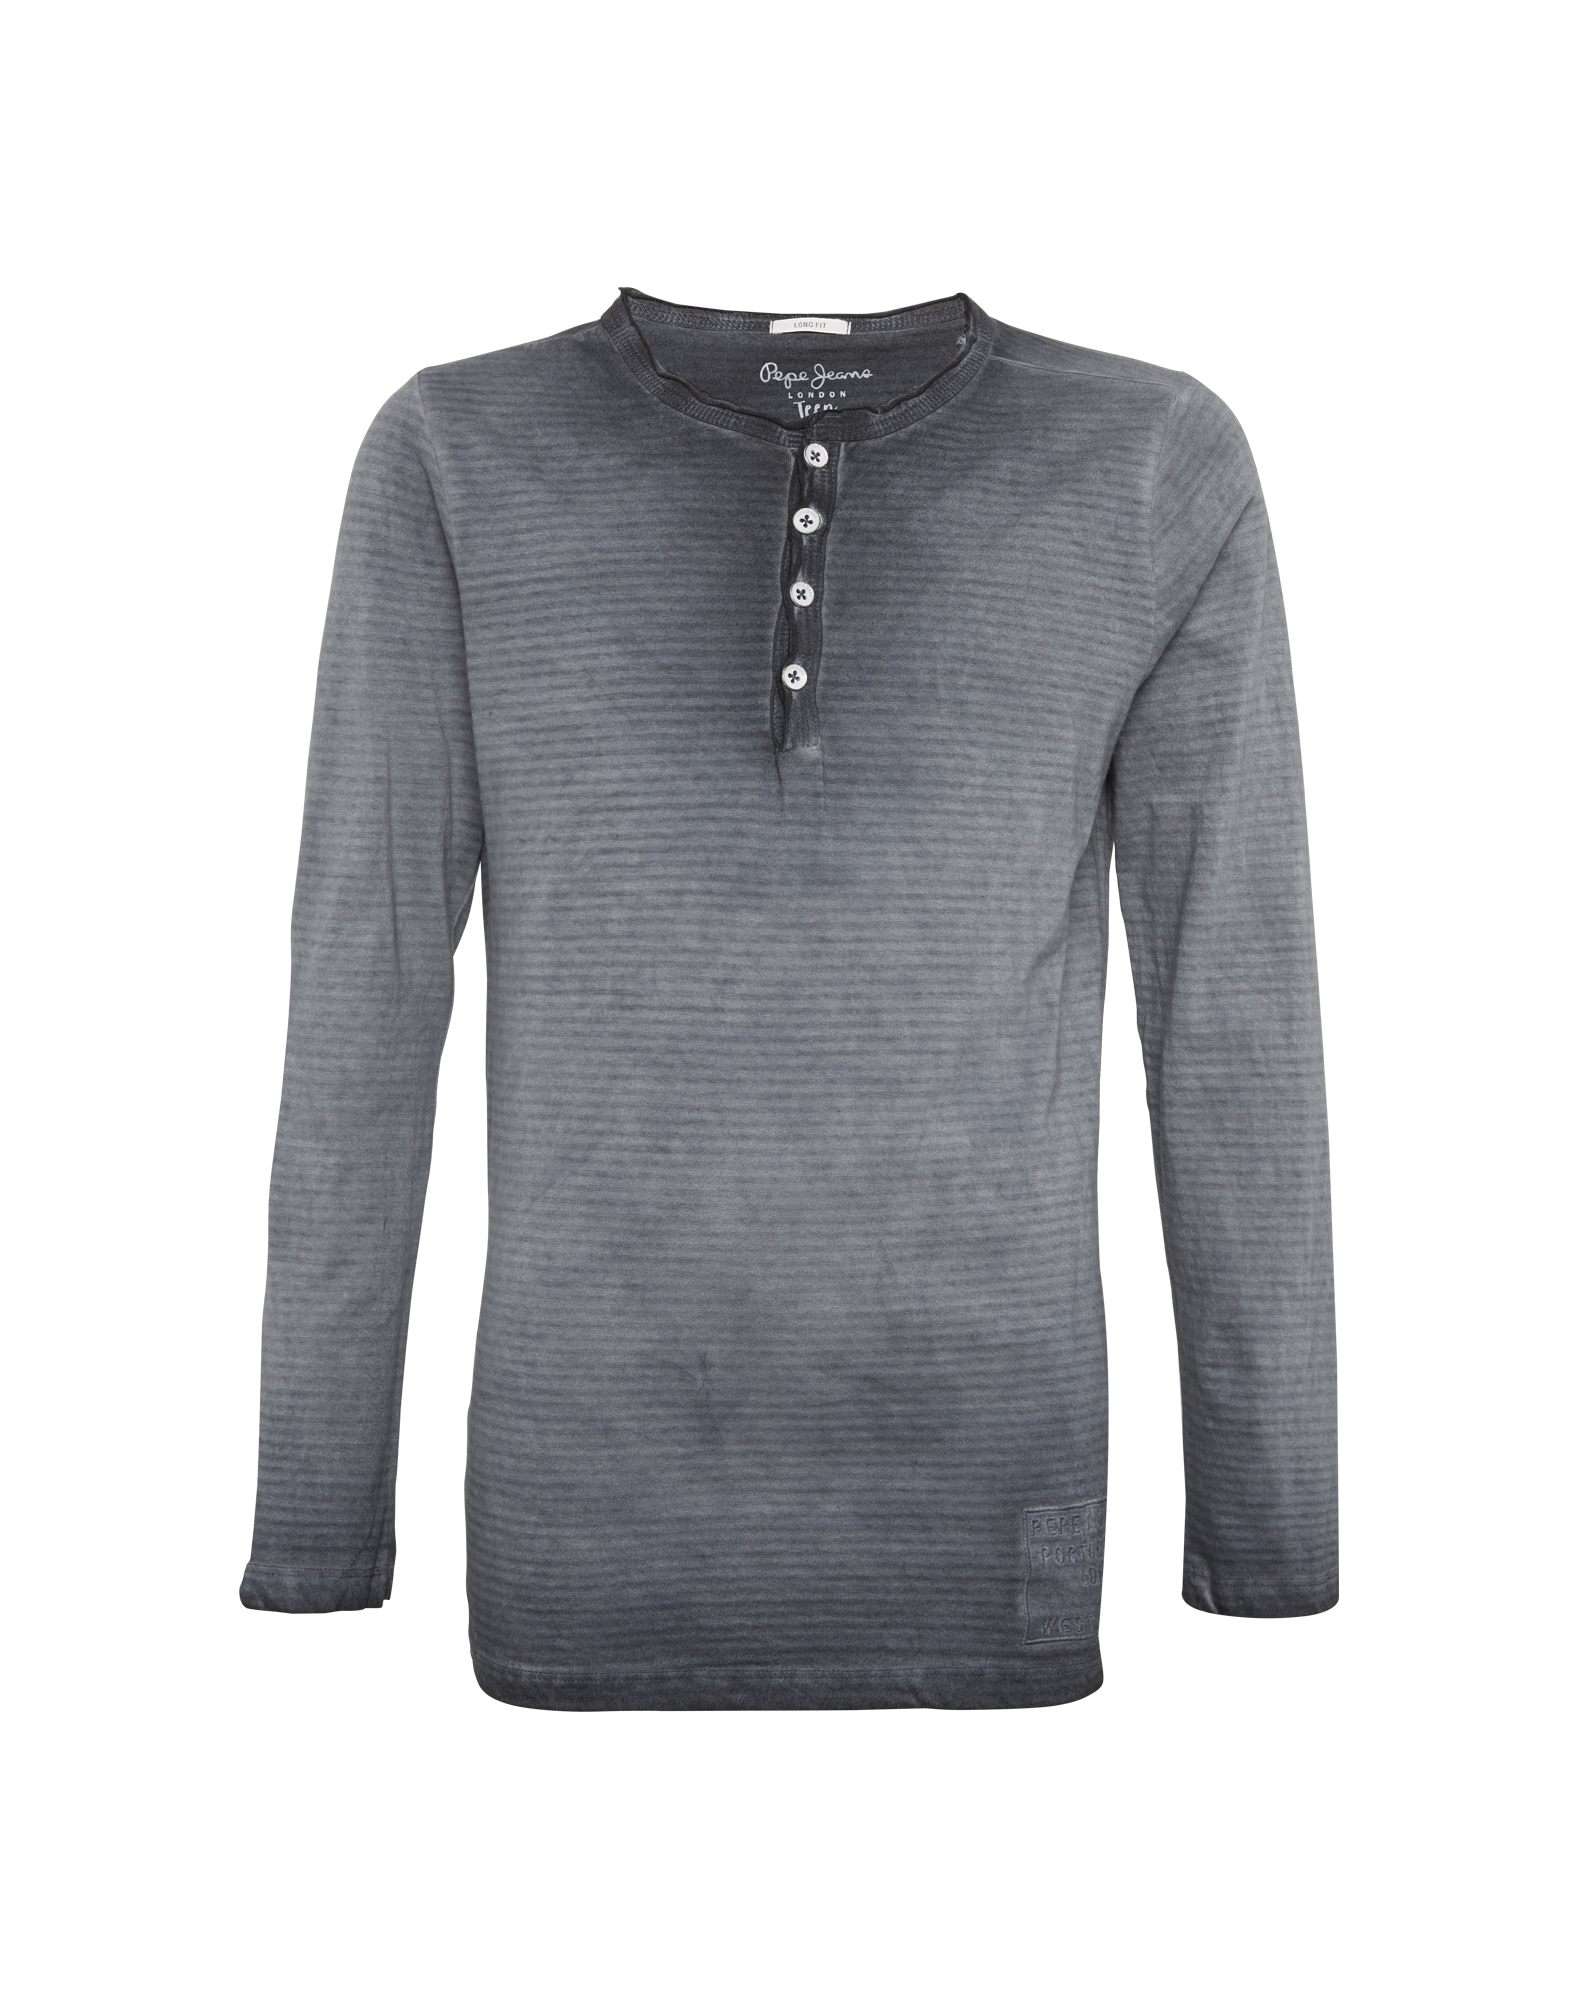 Pepe Jeans Jongens Shirt JACK TEEN duifblauw grijs rookgrijs